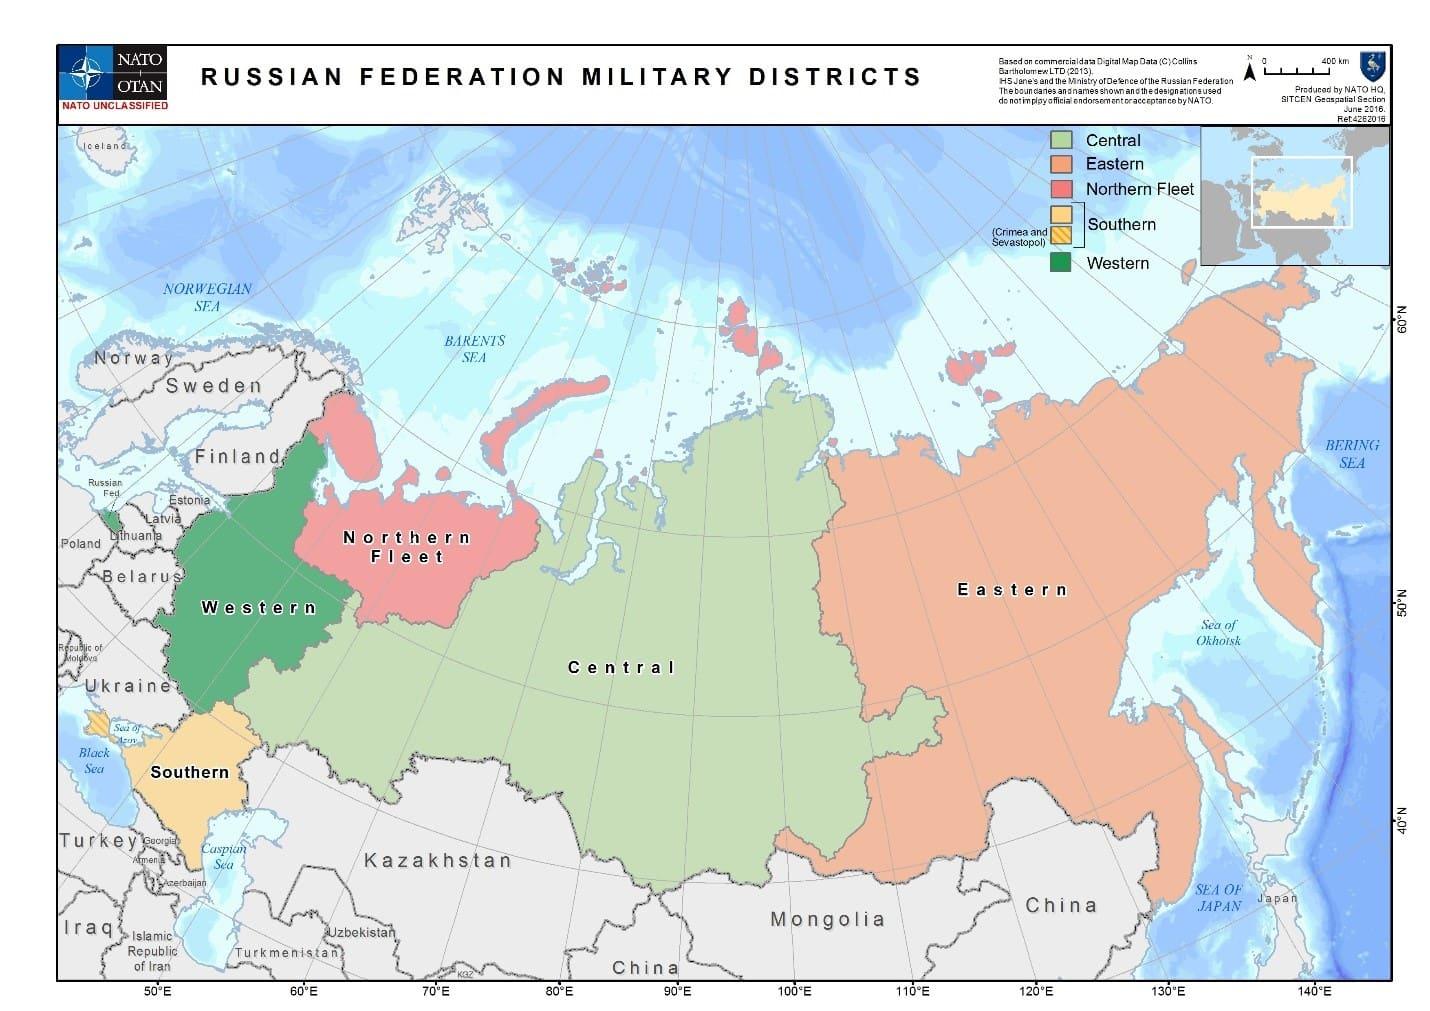 военные округа на карте